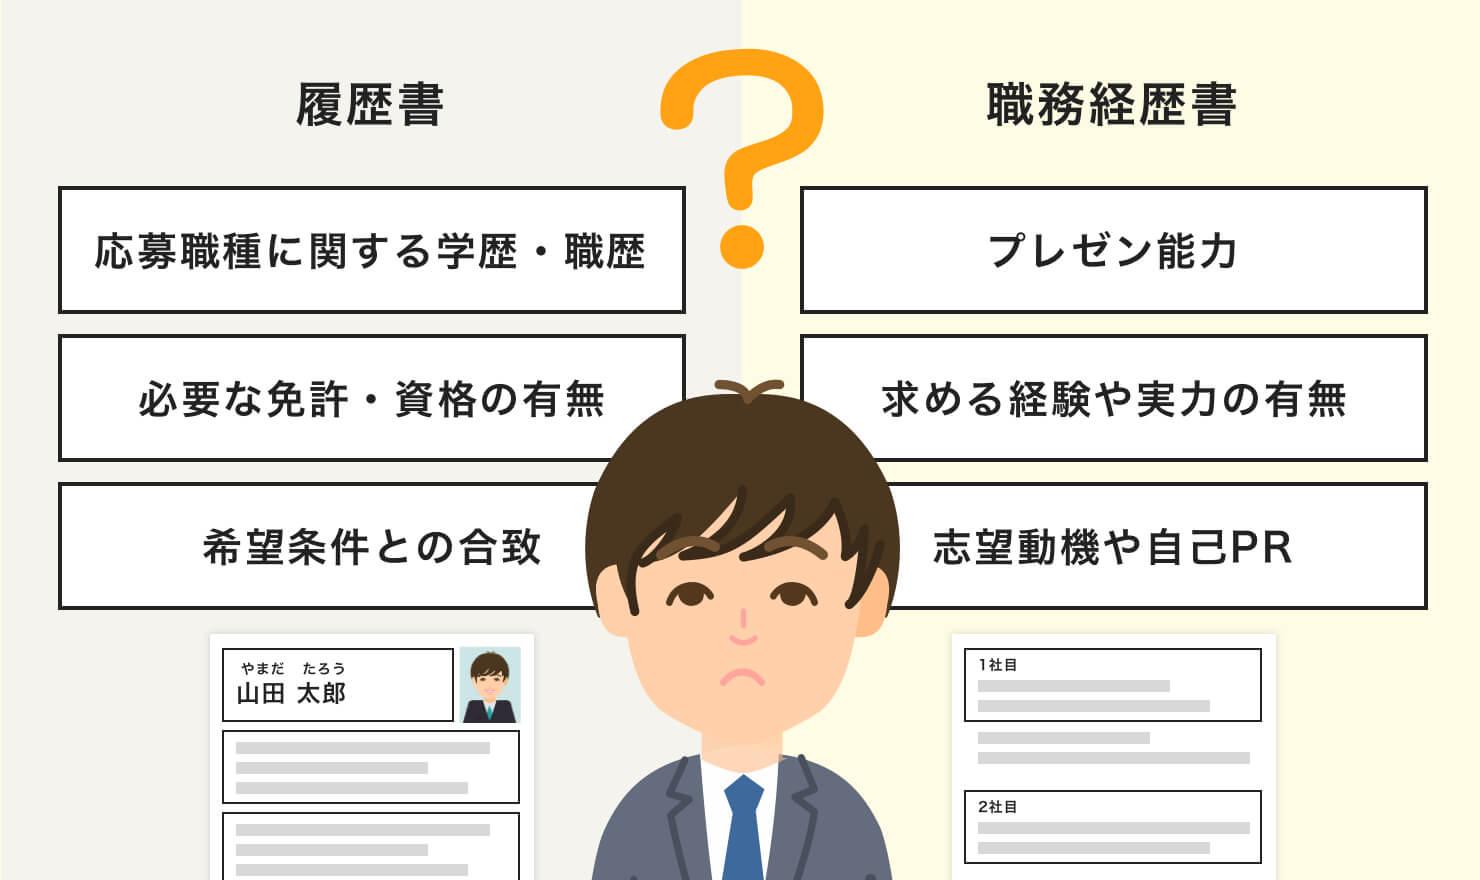 履歴書と職務経歴書の違いを理解して応募書類をレベルアップしよう!